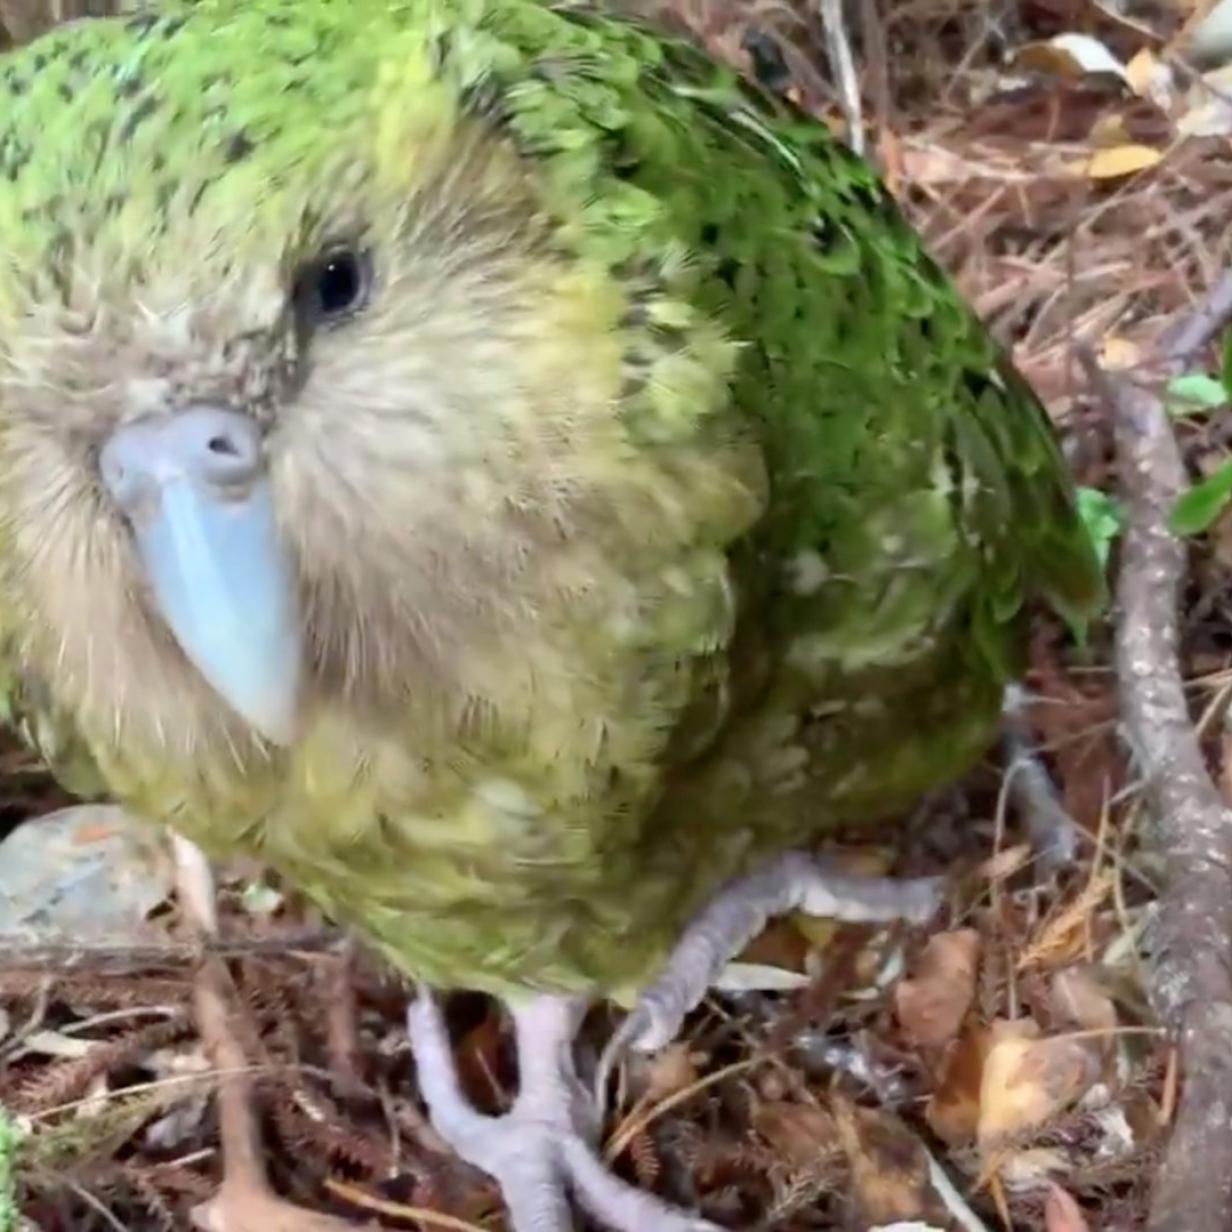 Letzte Kakapos in Gefahr: Pilz bedroht pumelige Papageien